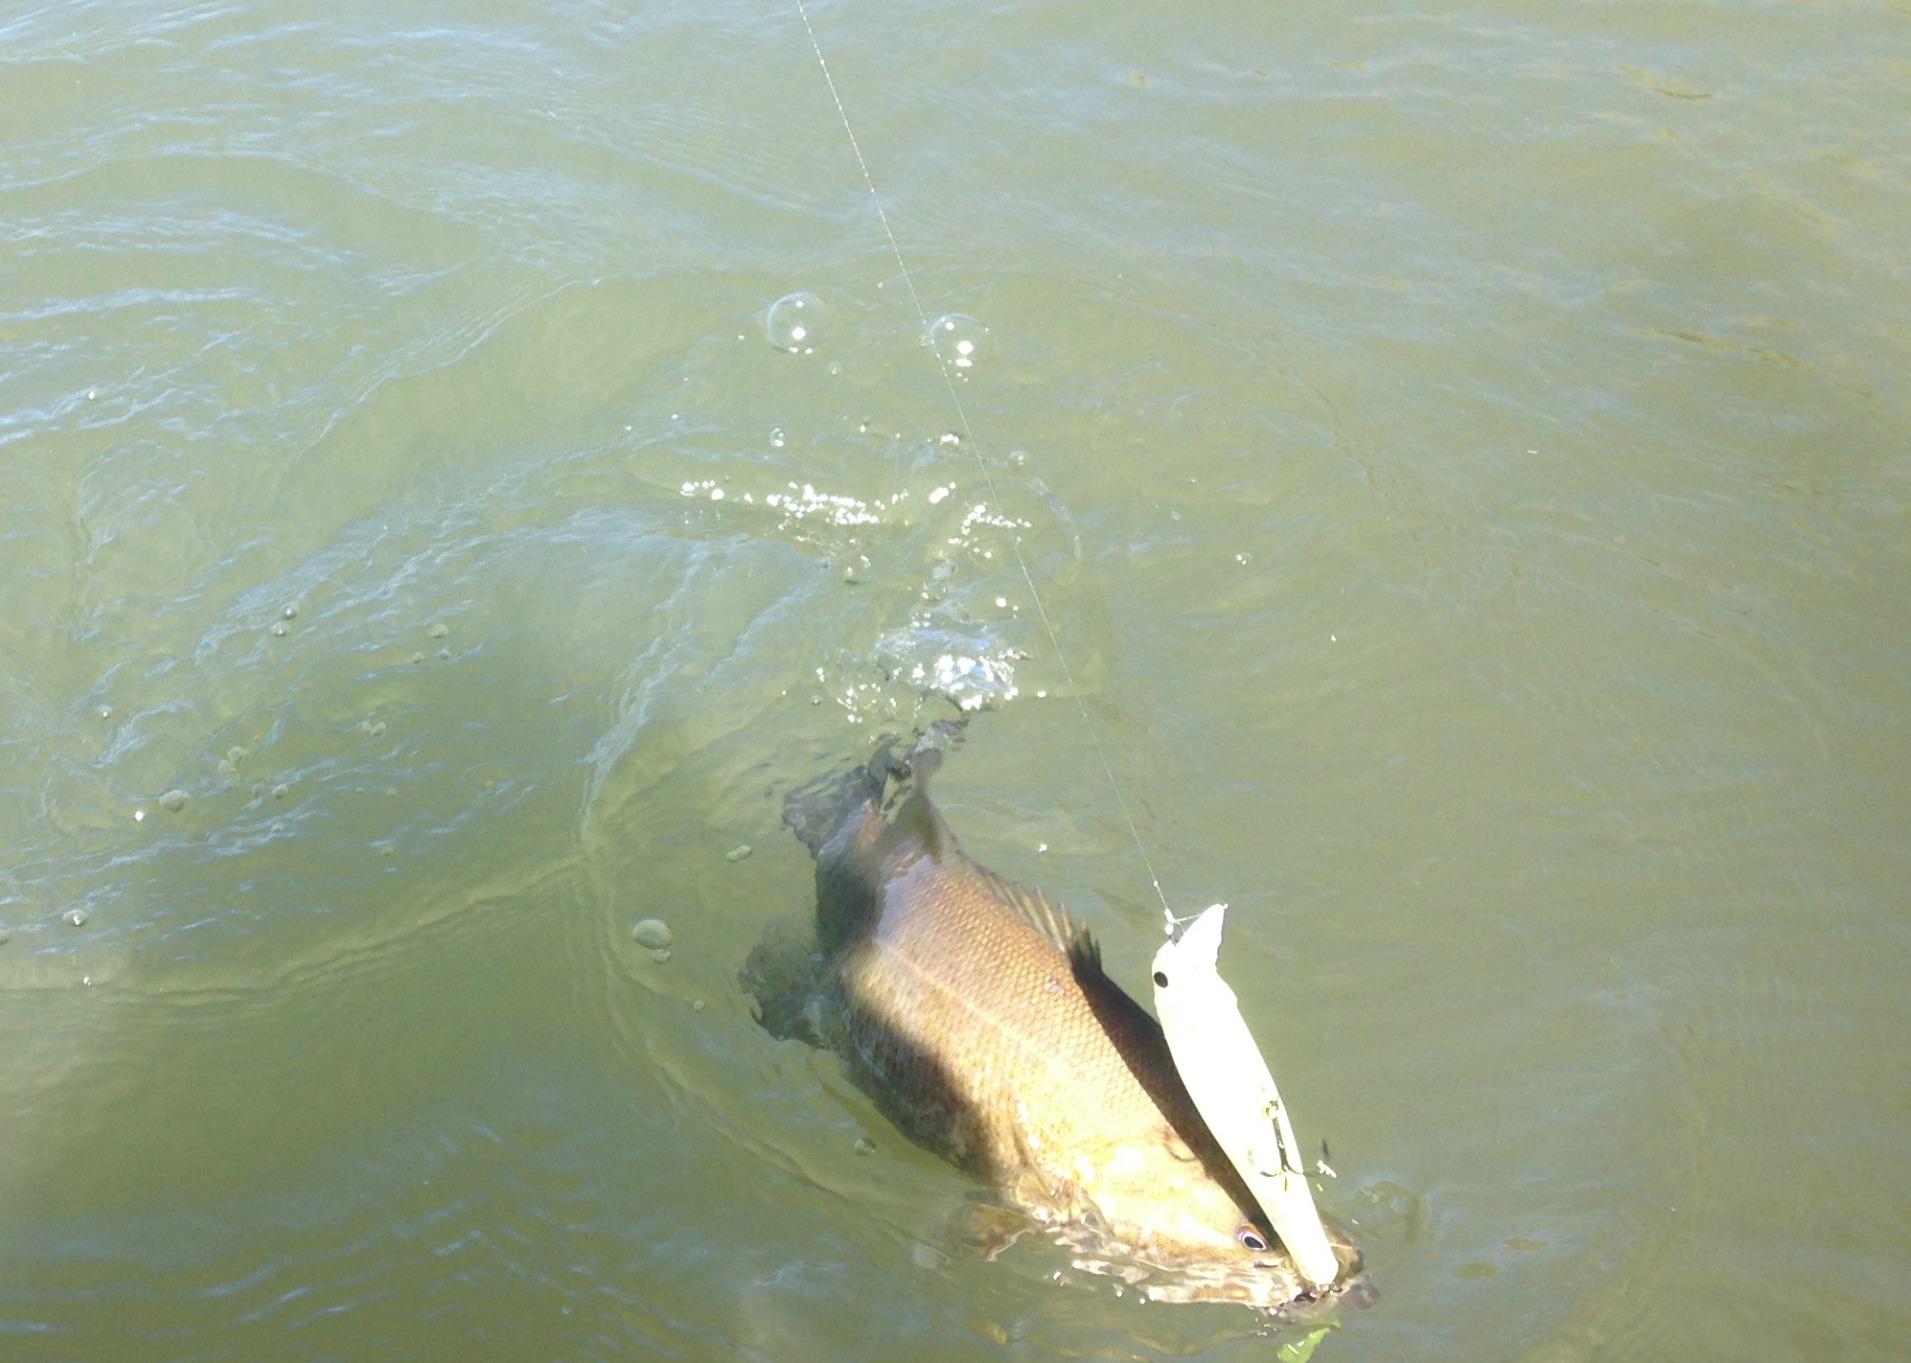 water clarity guide for choosing baits bass fishing